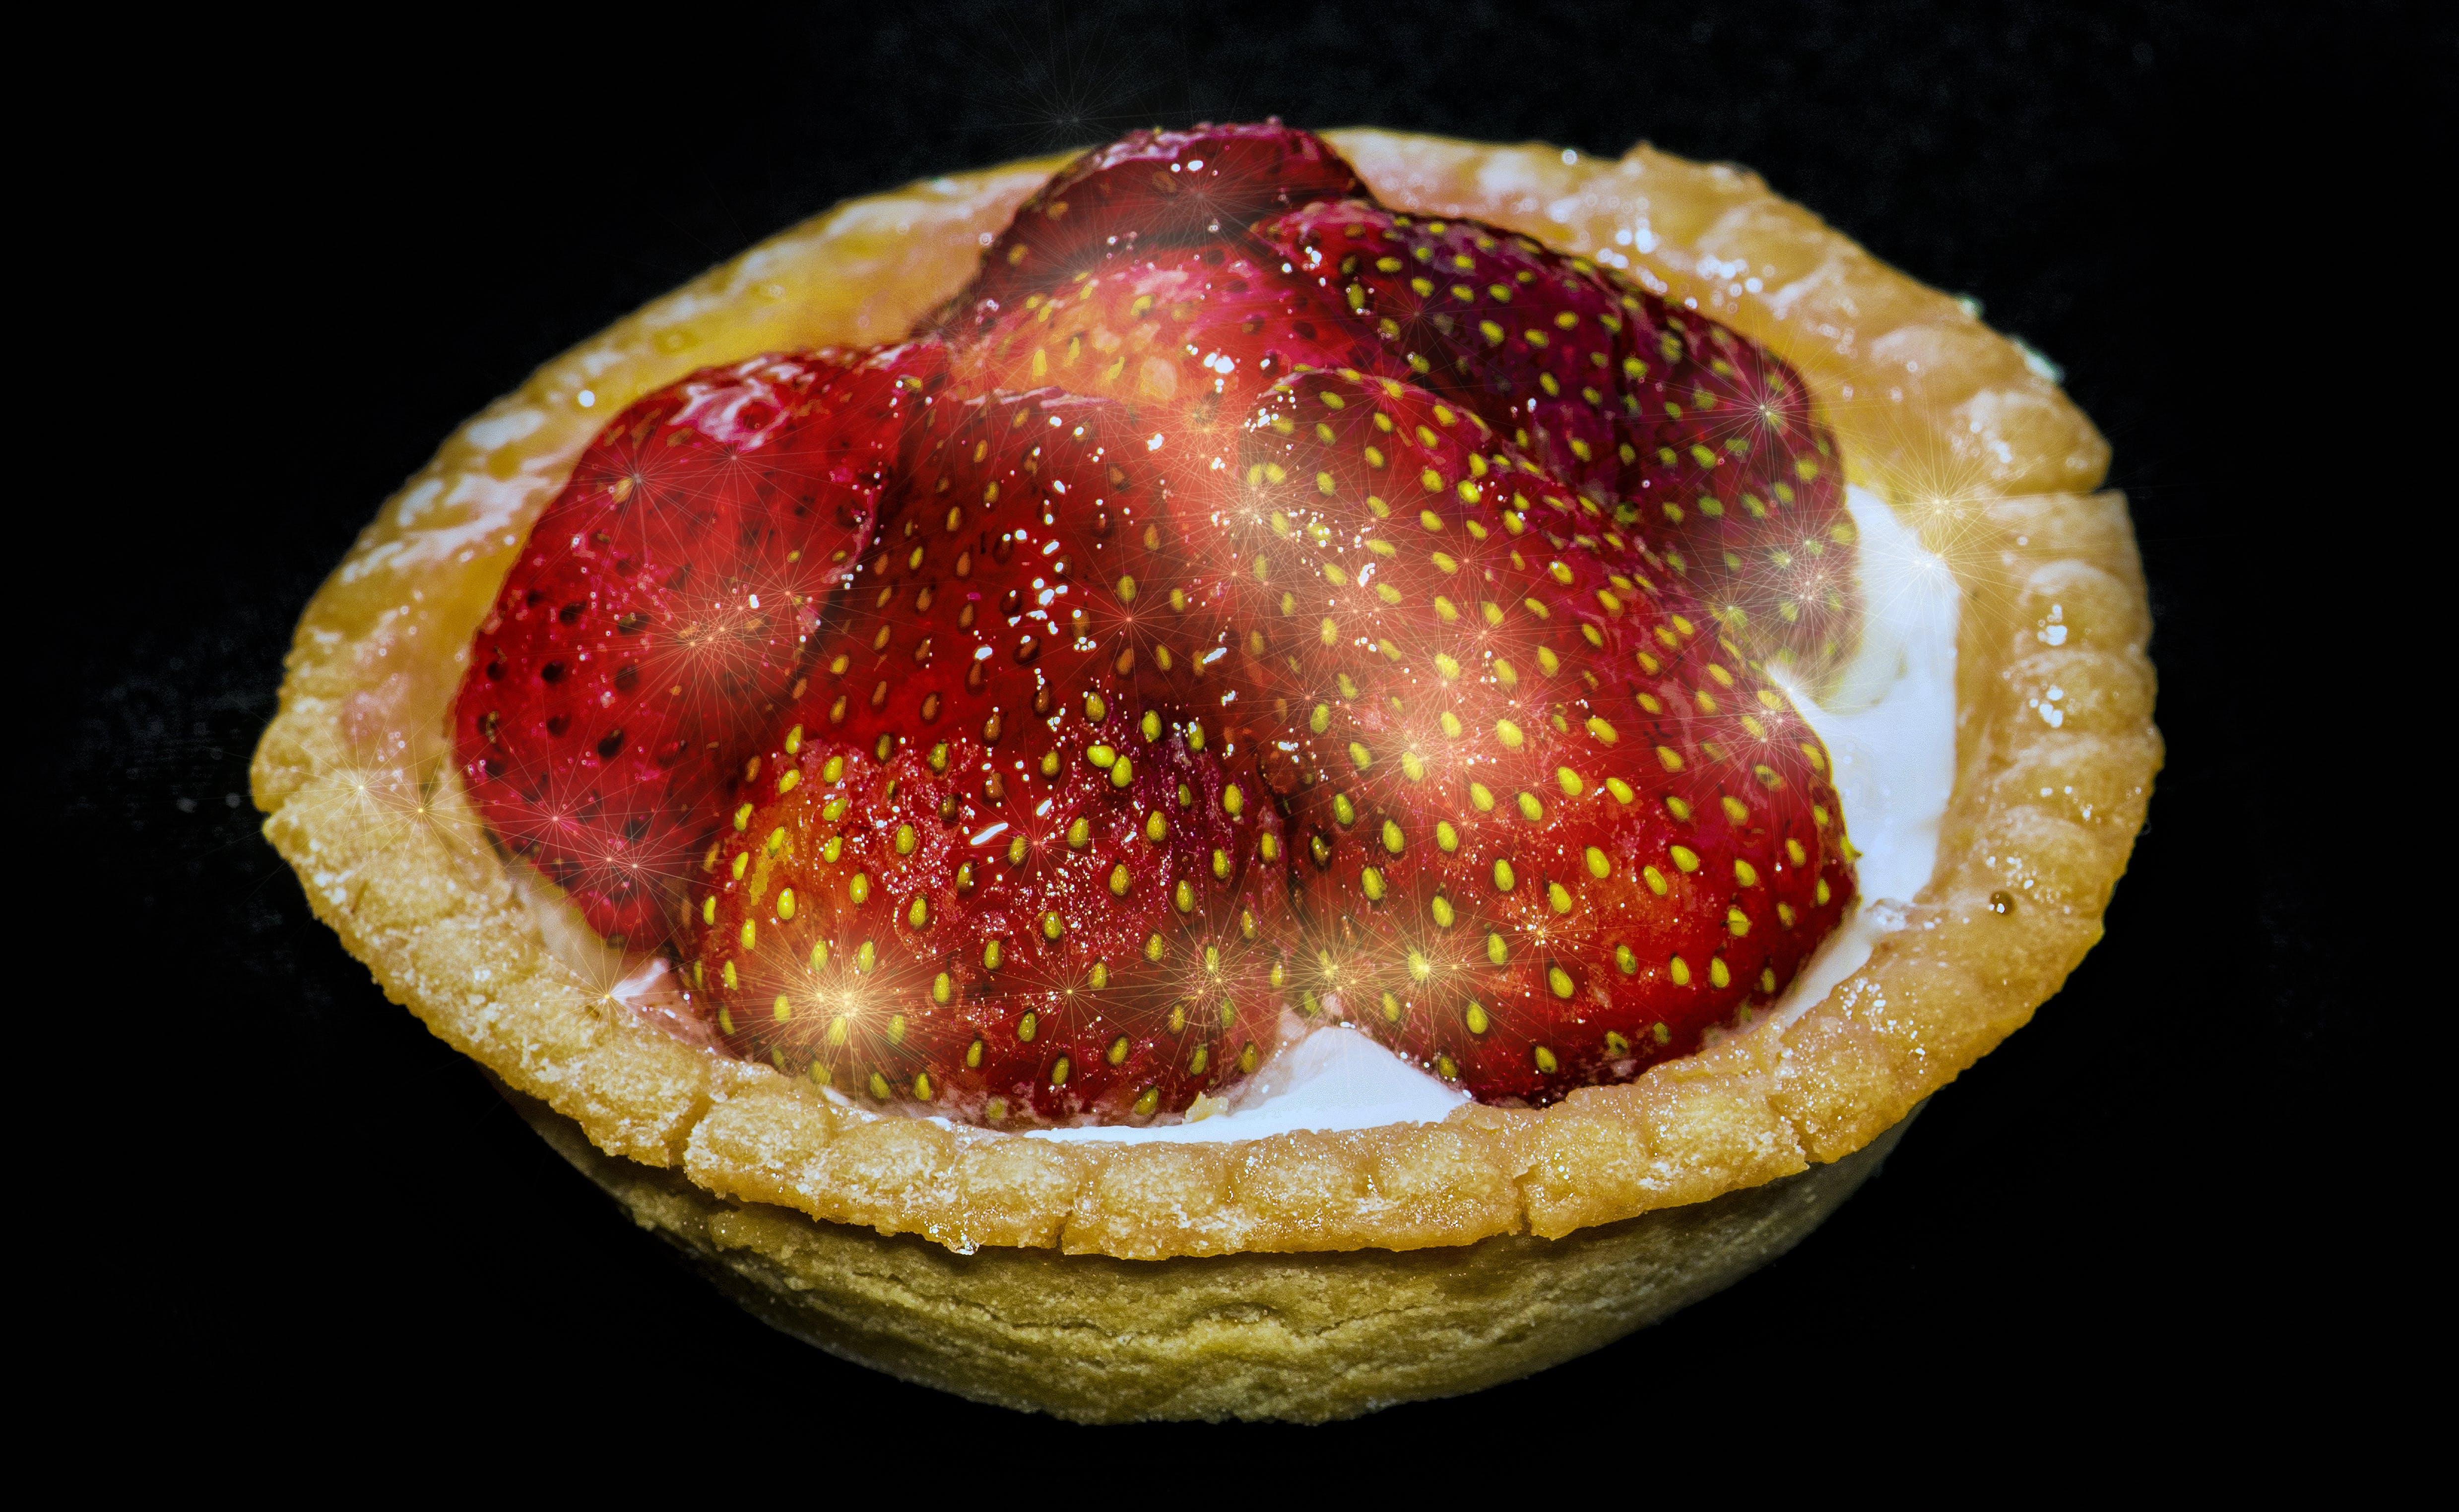 Free stock photo of desert, deserts, pastries, strawberries